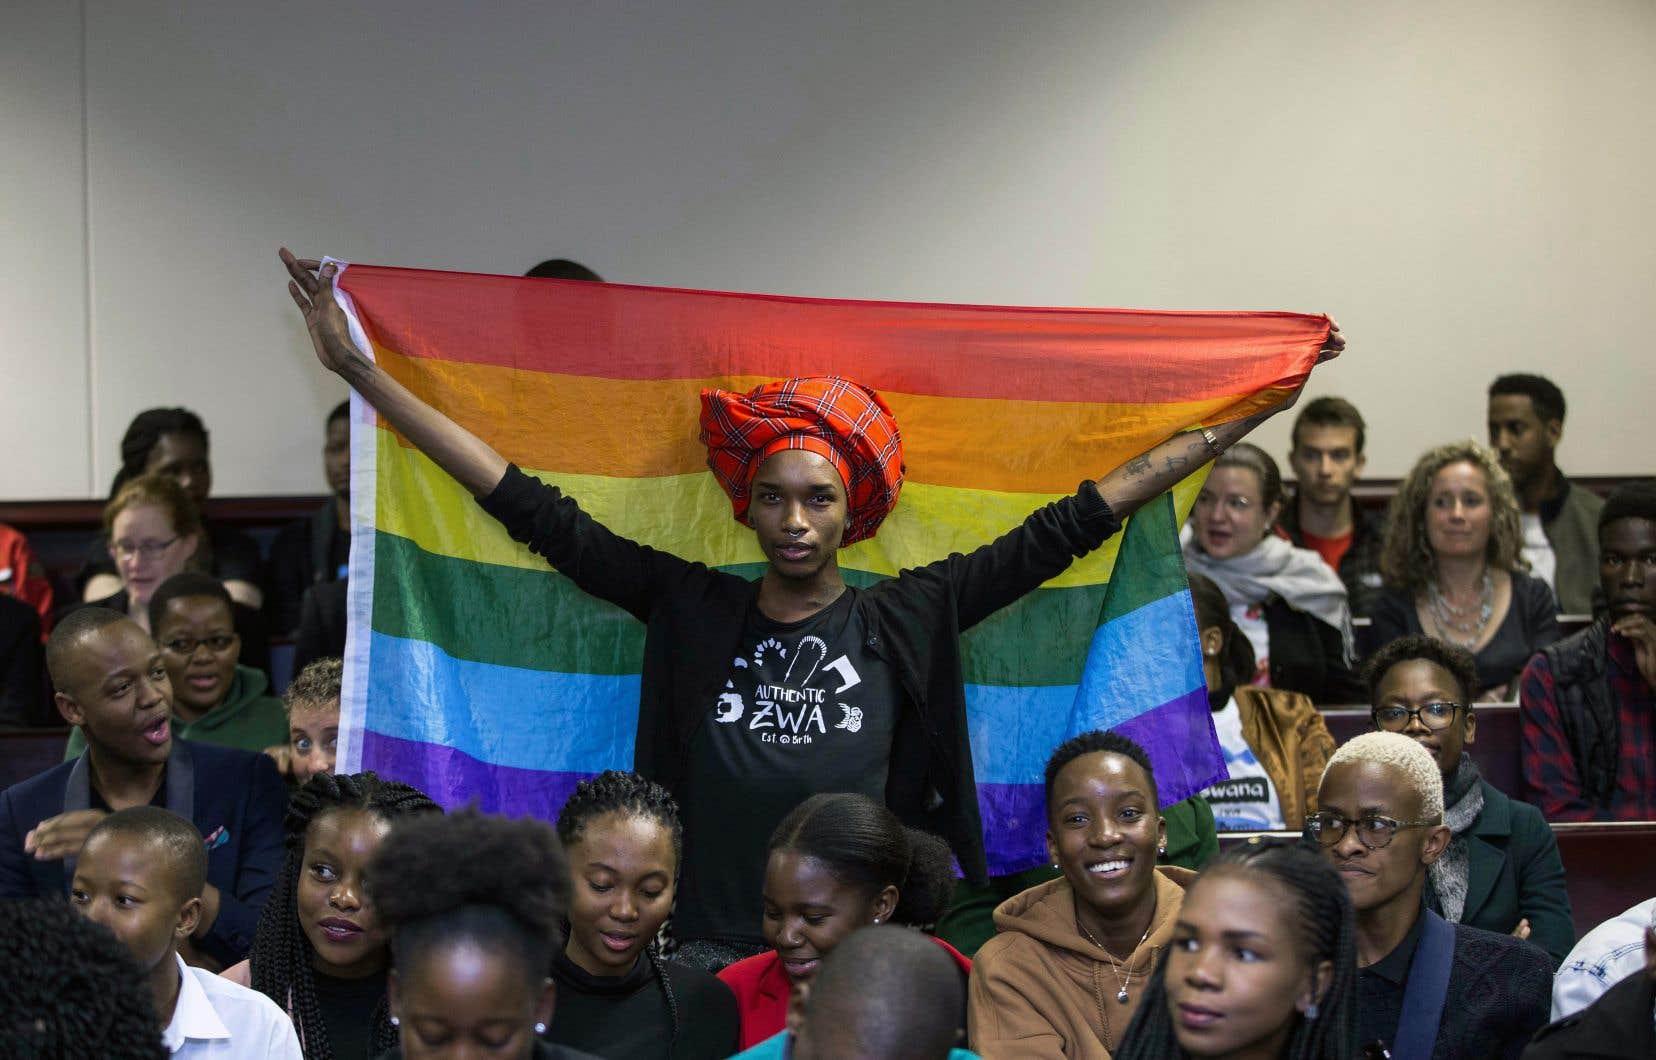 Des manifestants LGBTQ ont salué la décision des juges de la Haute Cour de Gaborone en brandissant le drapeau arc-en-ciel, notamment.